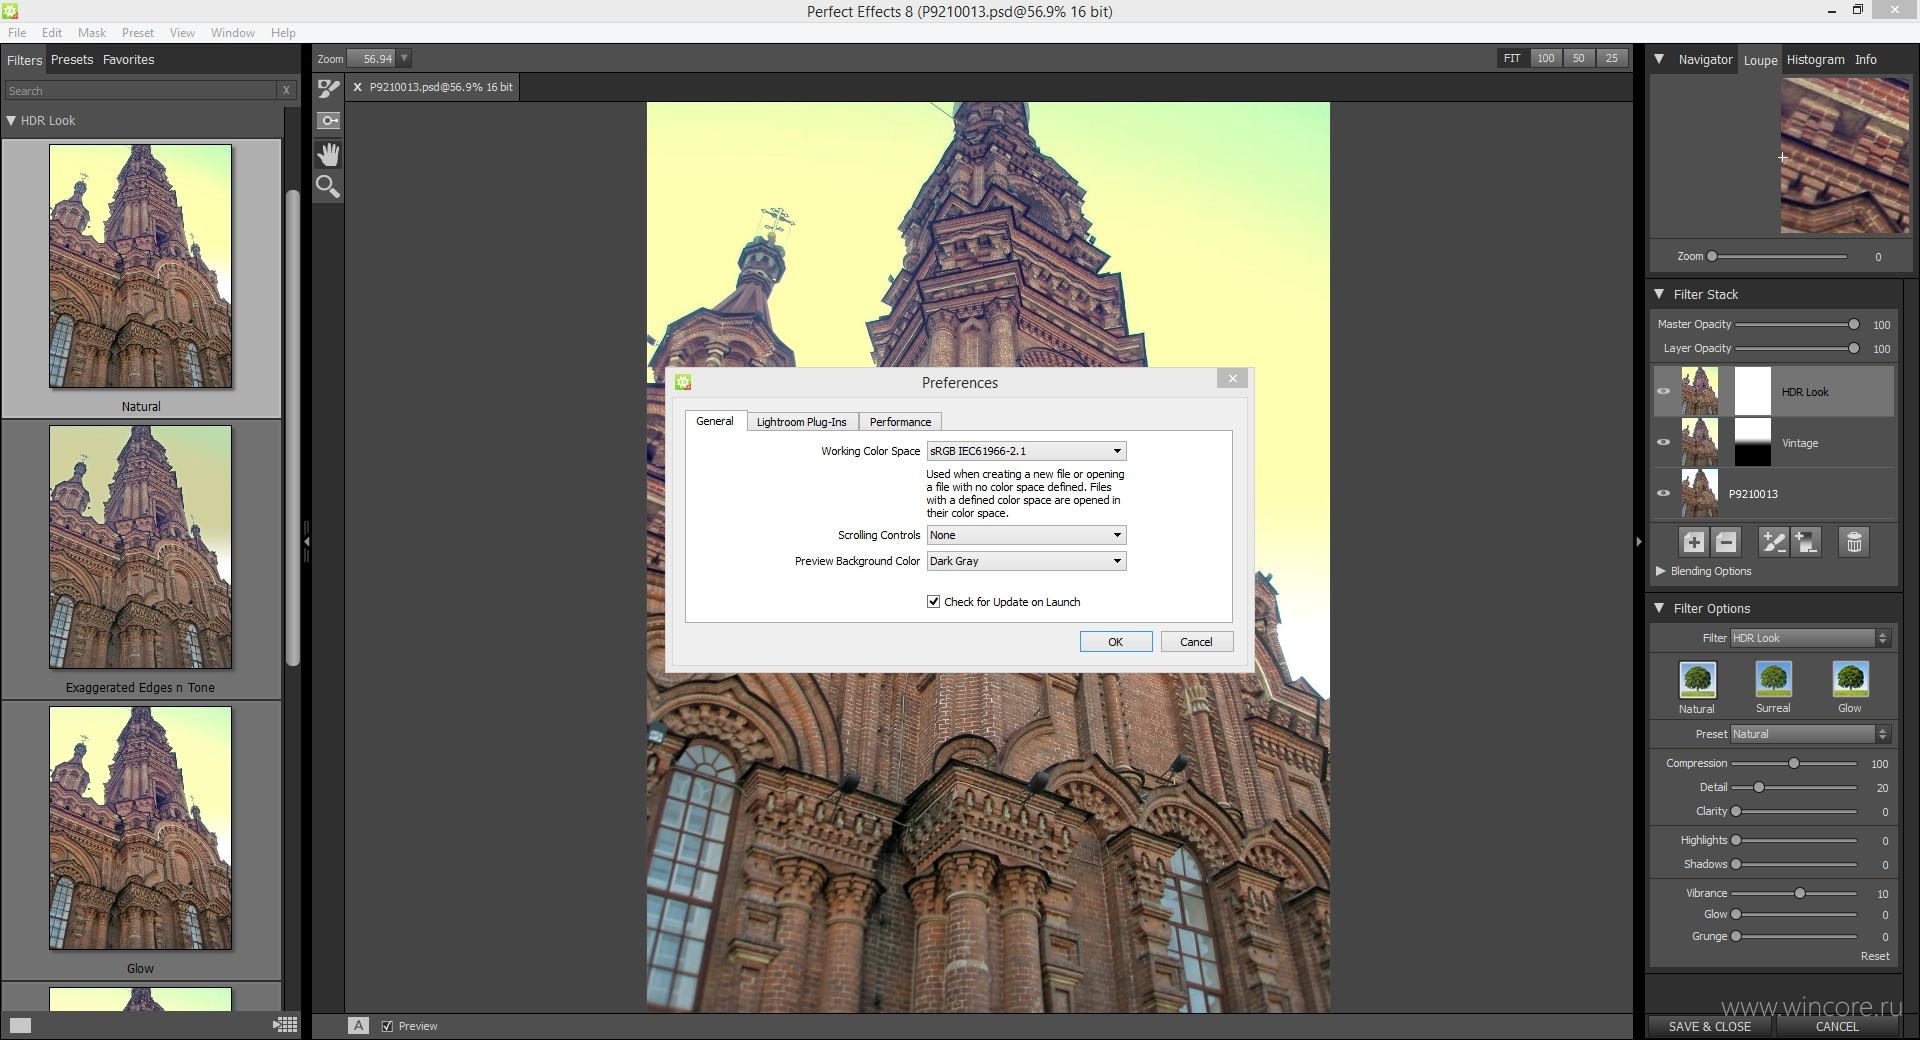 программа фильтры инстаграма